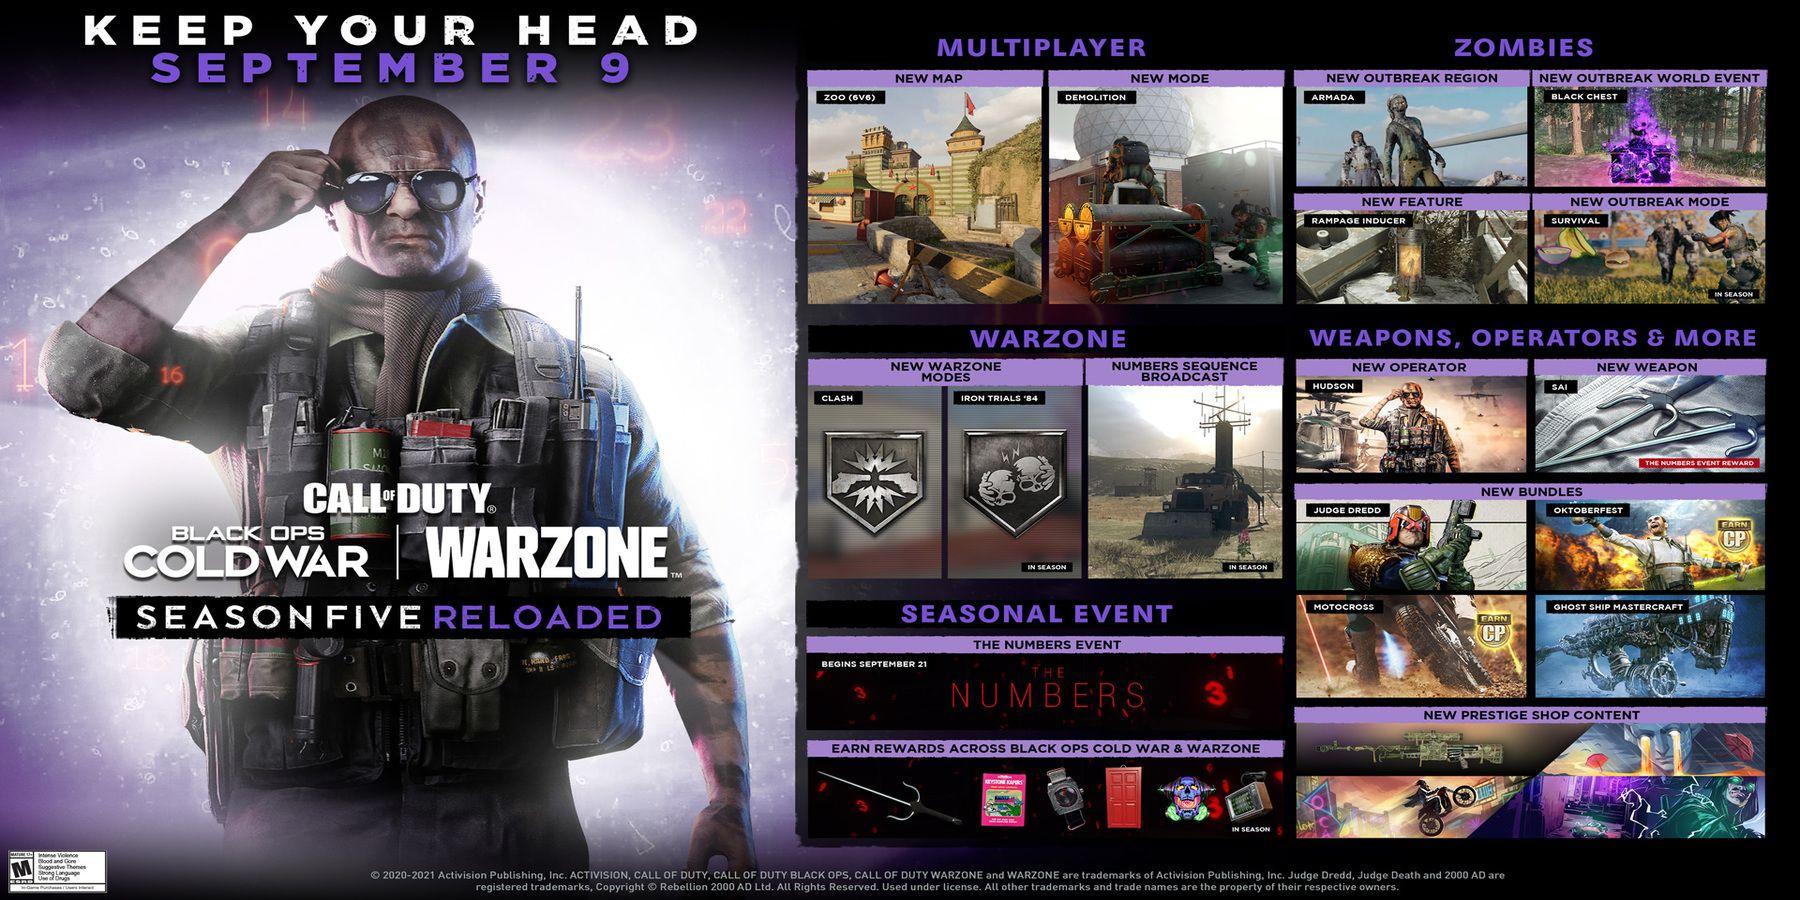 Call of Duty: Black Ops Cold War Reveals Season 5 Reloaded Roadmap